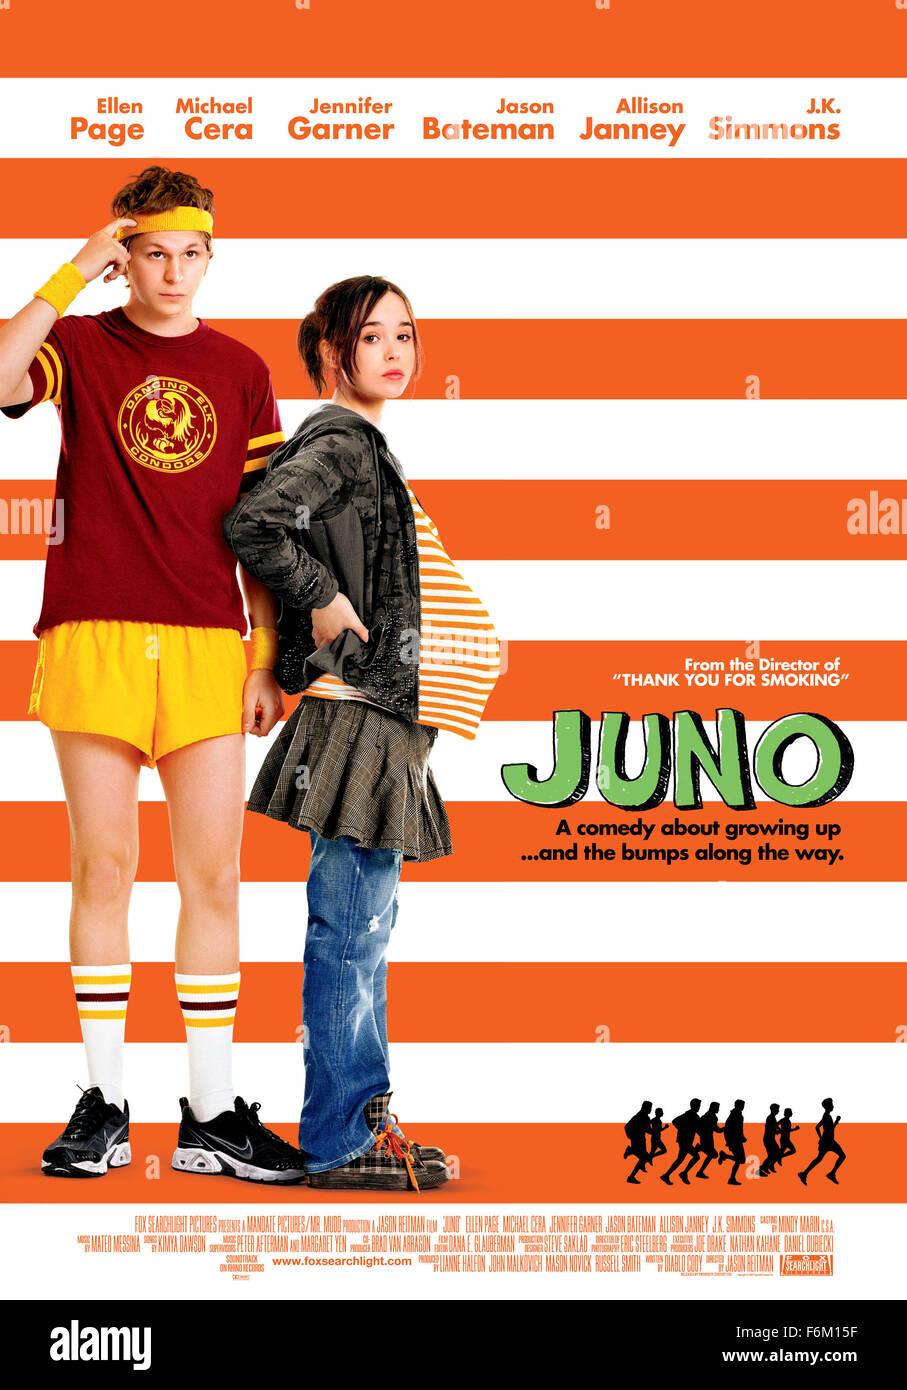 Actress Ellen Page FC00141 Art Print Poster A4 A3 A2 A1